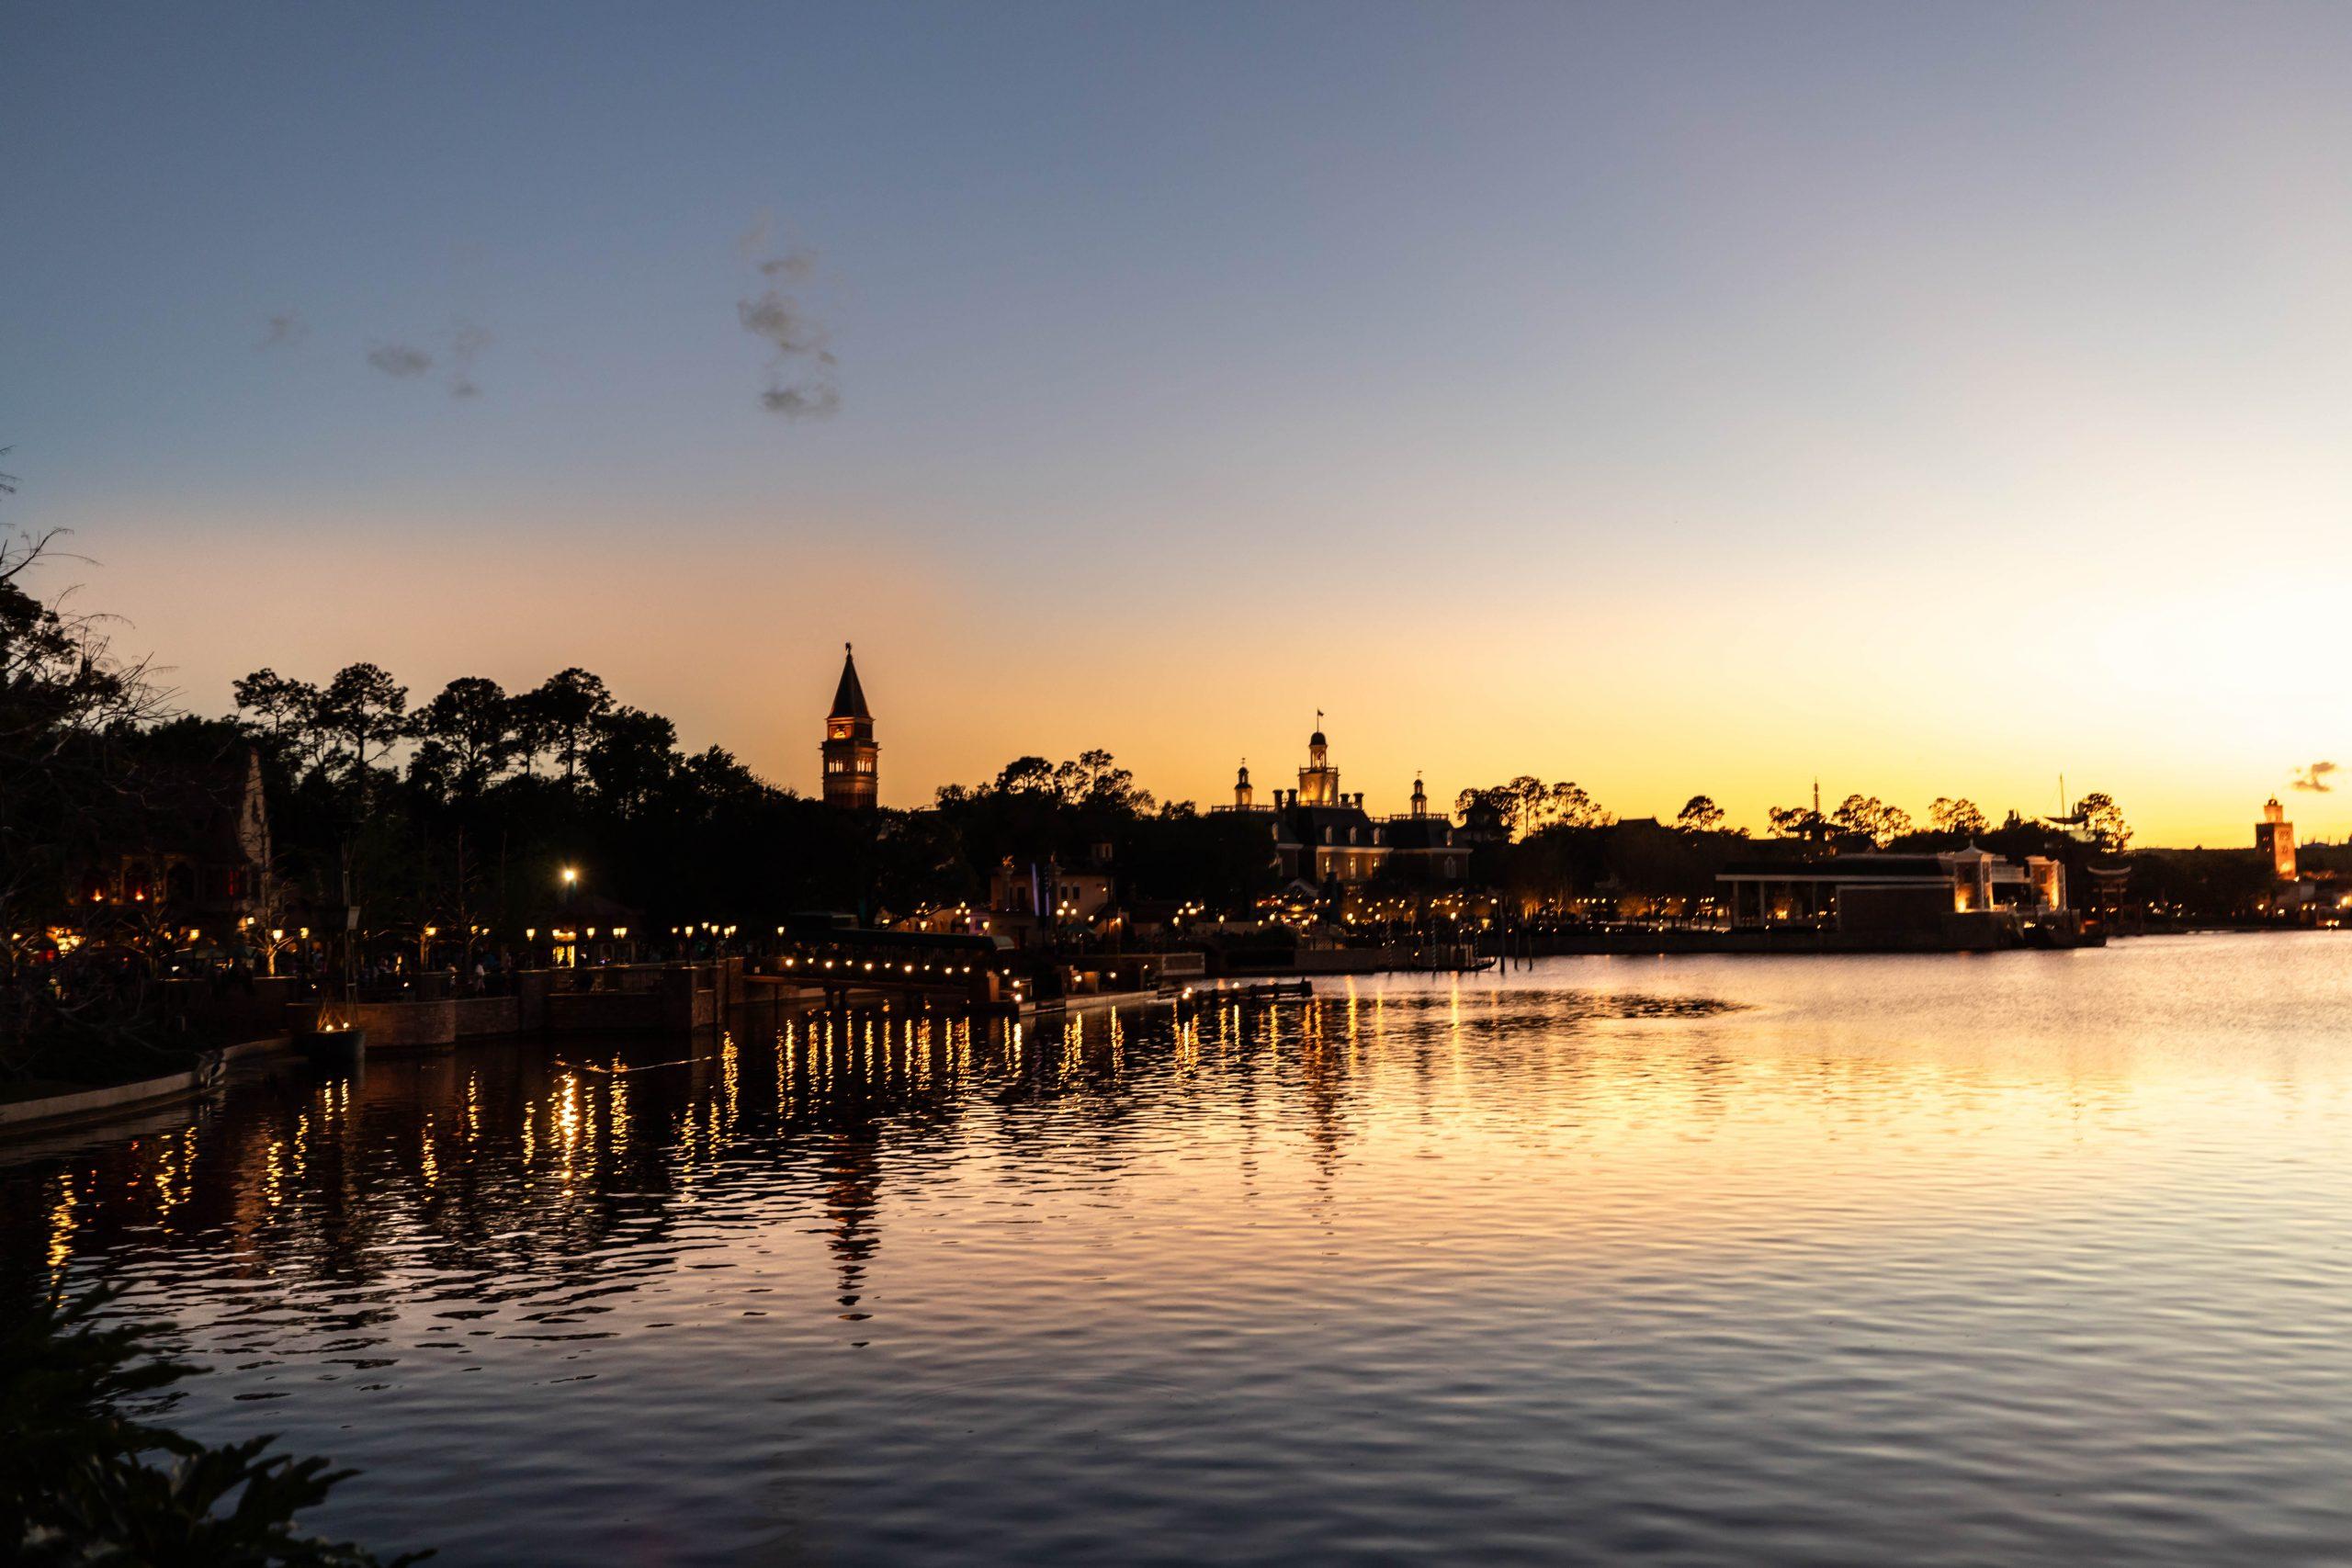 Epcot at Walt Disney World in Orlando Florida Luxury Travel by Annie Fairfax